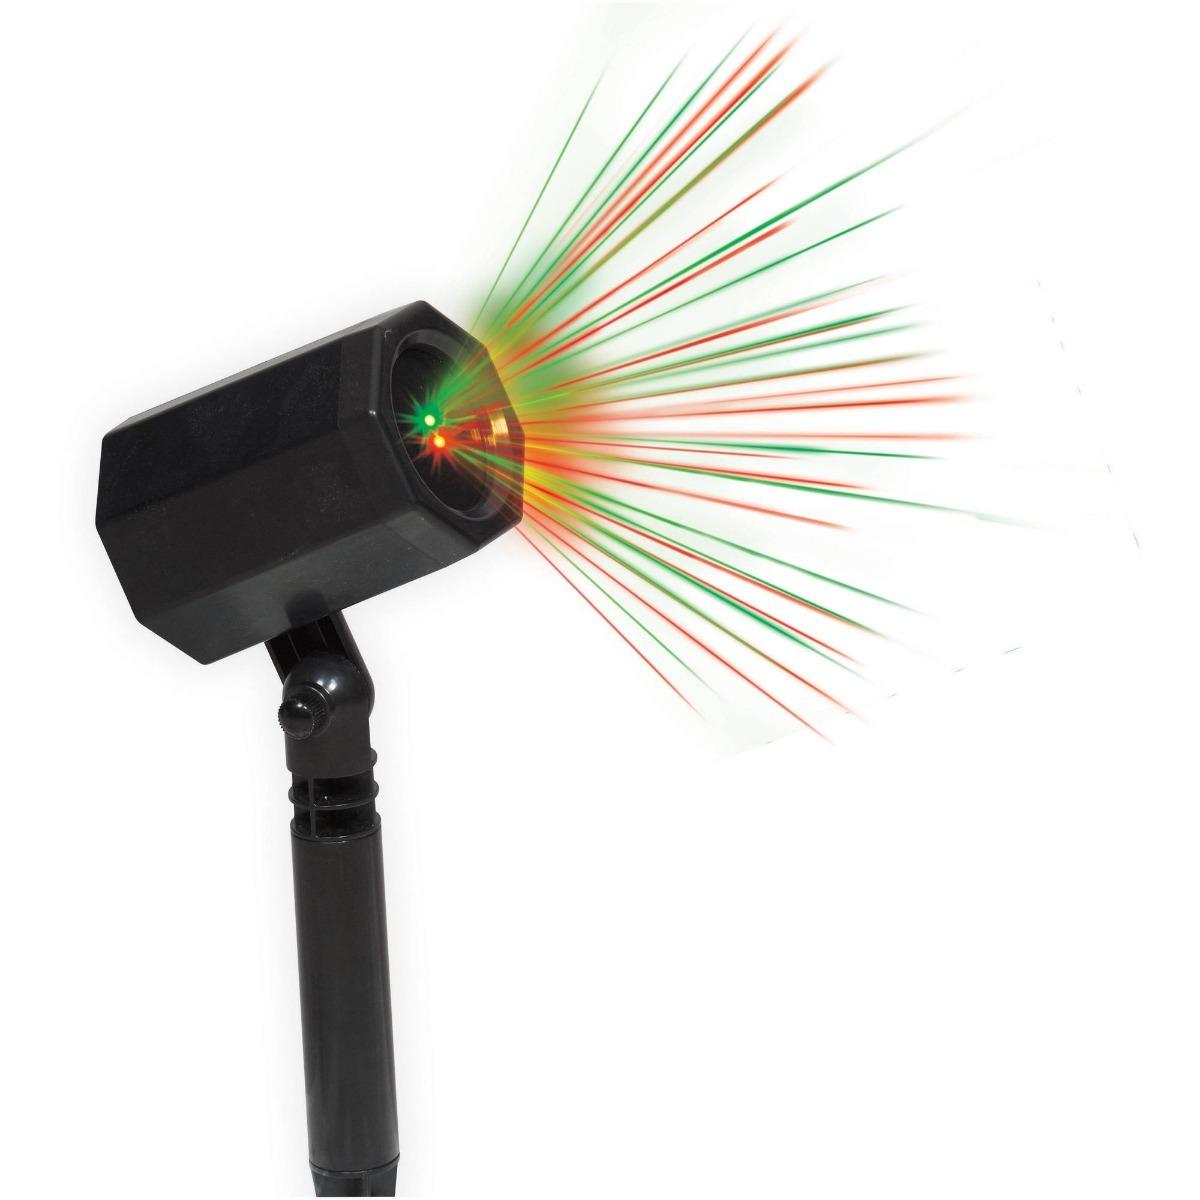 e0bf94623f5 proyector luz laser temporizador interior exterior + envio. Cargando zoom.